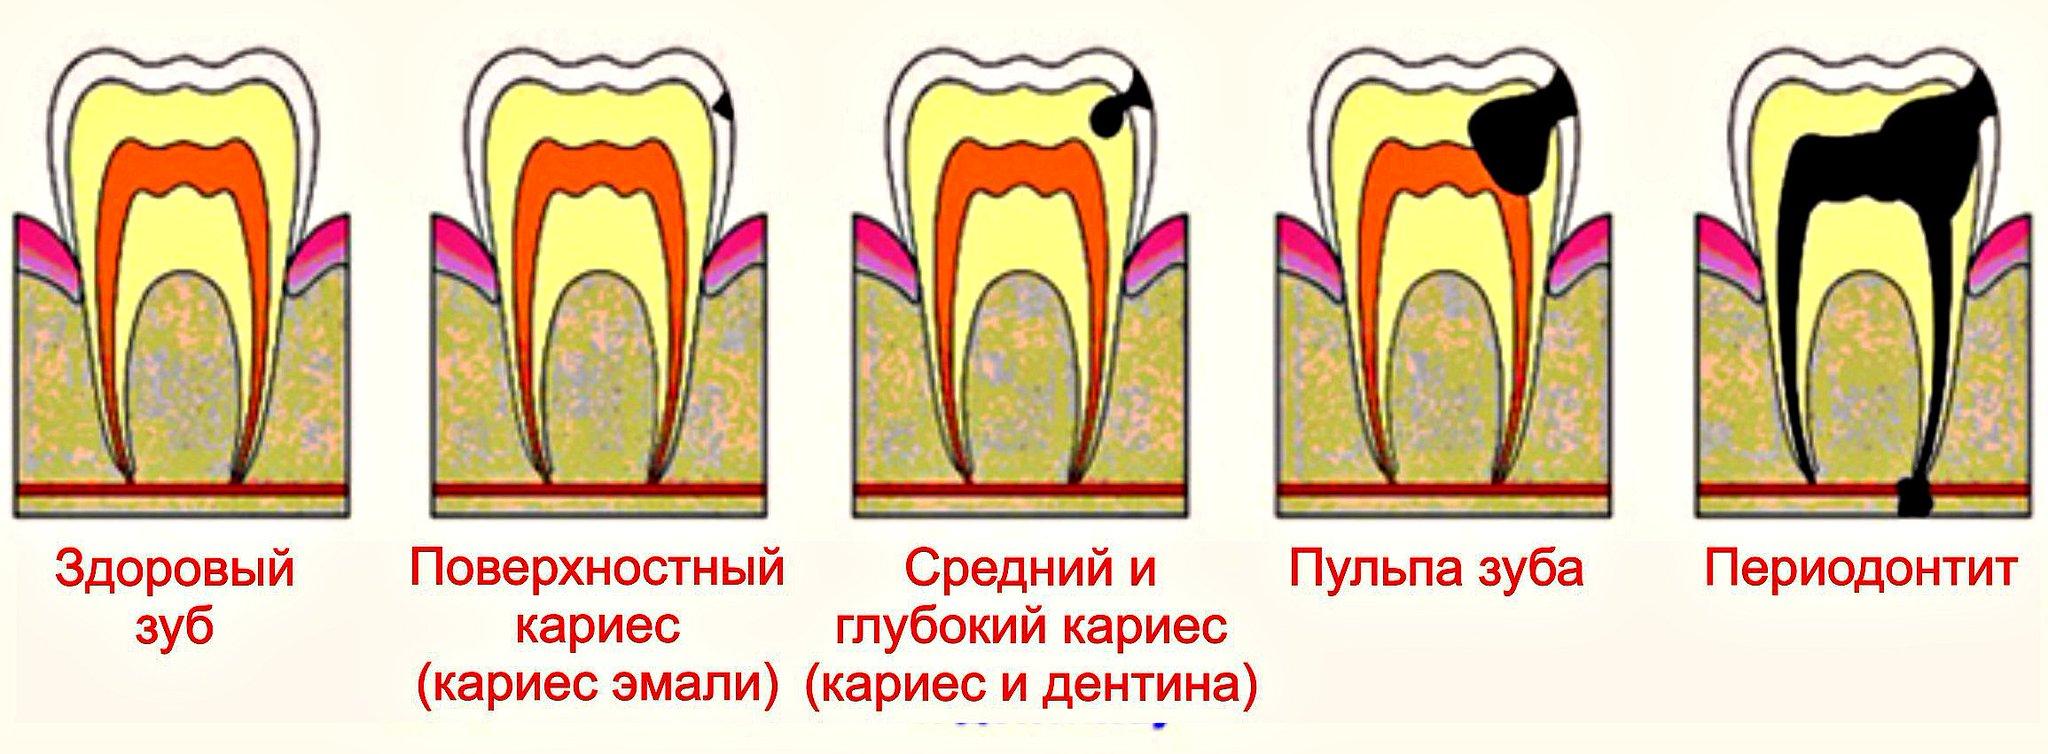 У ребенка флюс на молочном зубе — зубы